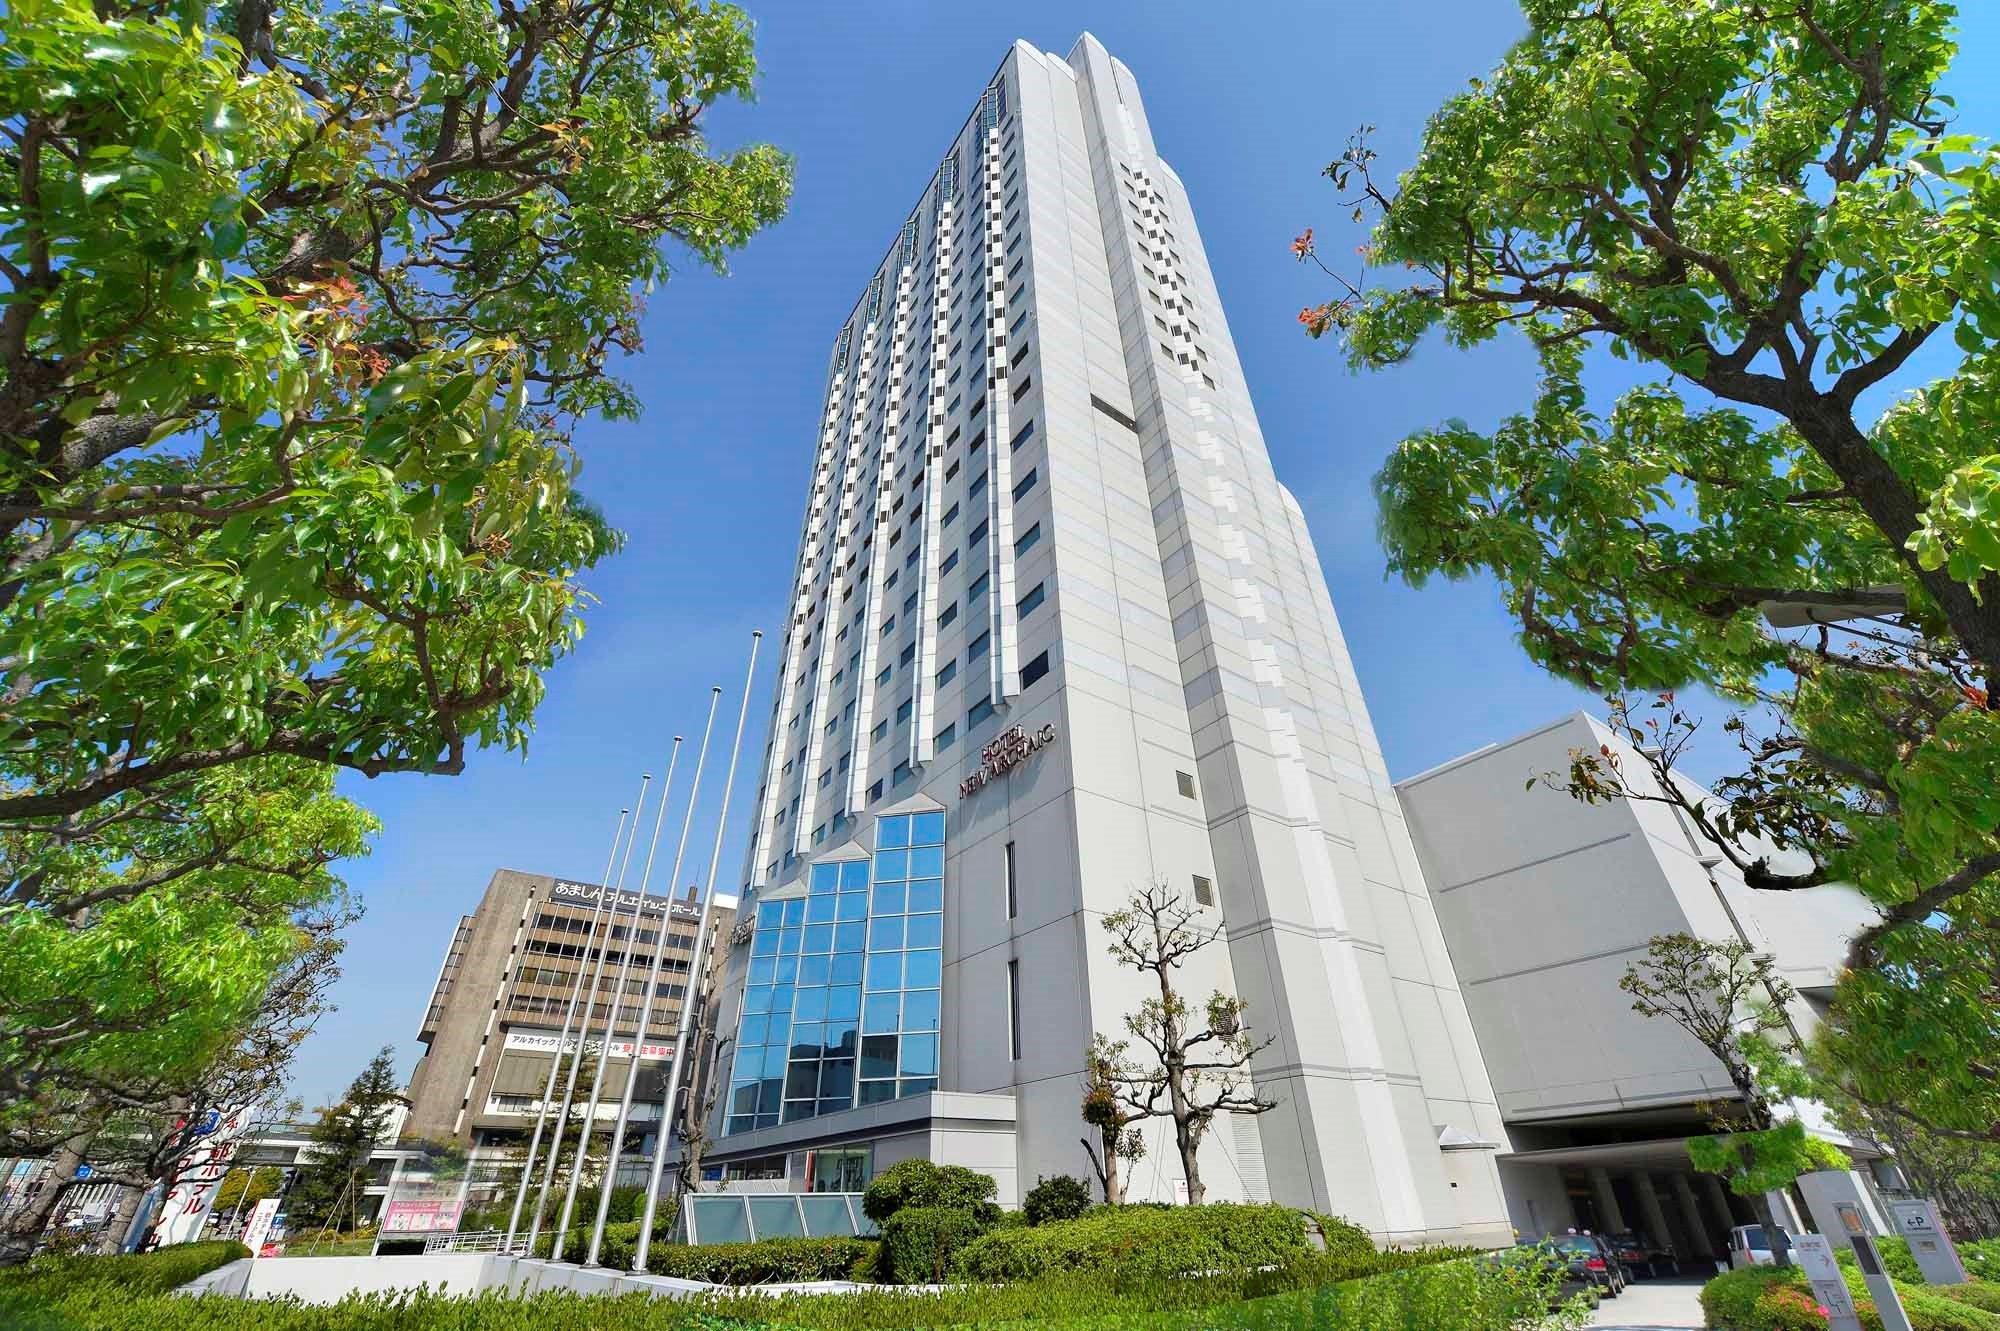 都ホテルニューアルカイック 阪神尼崎